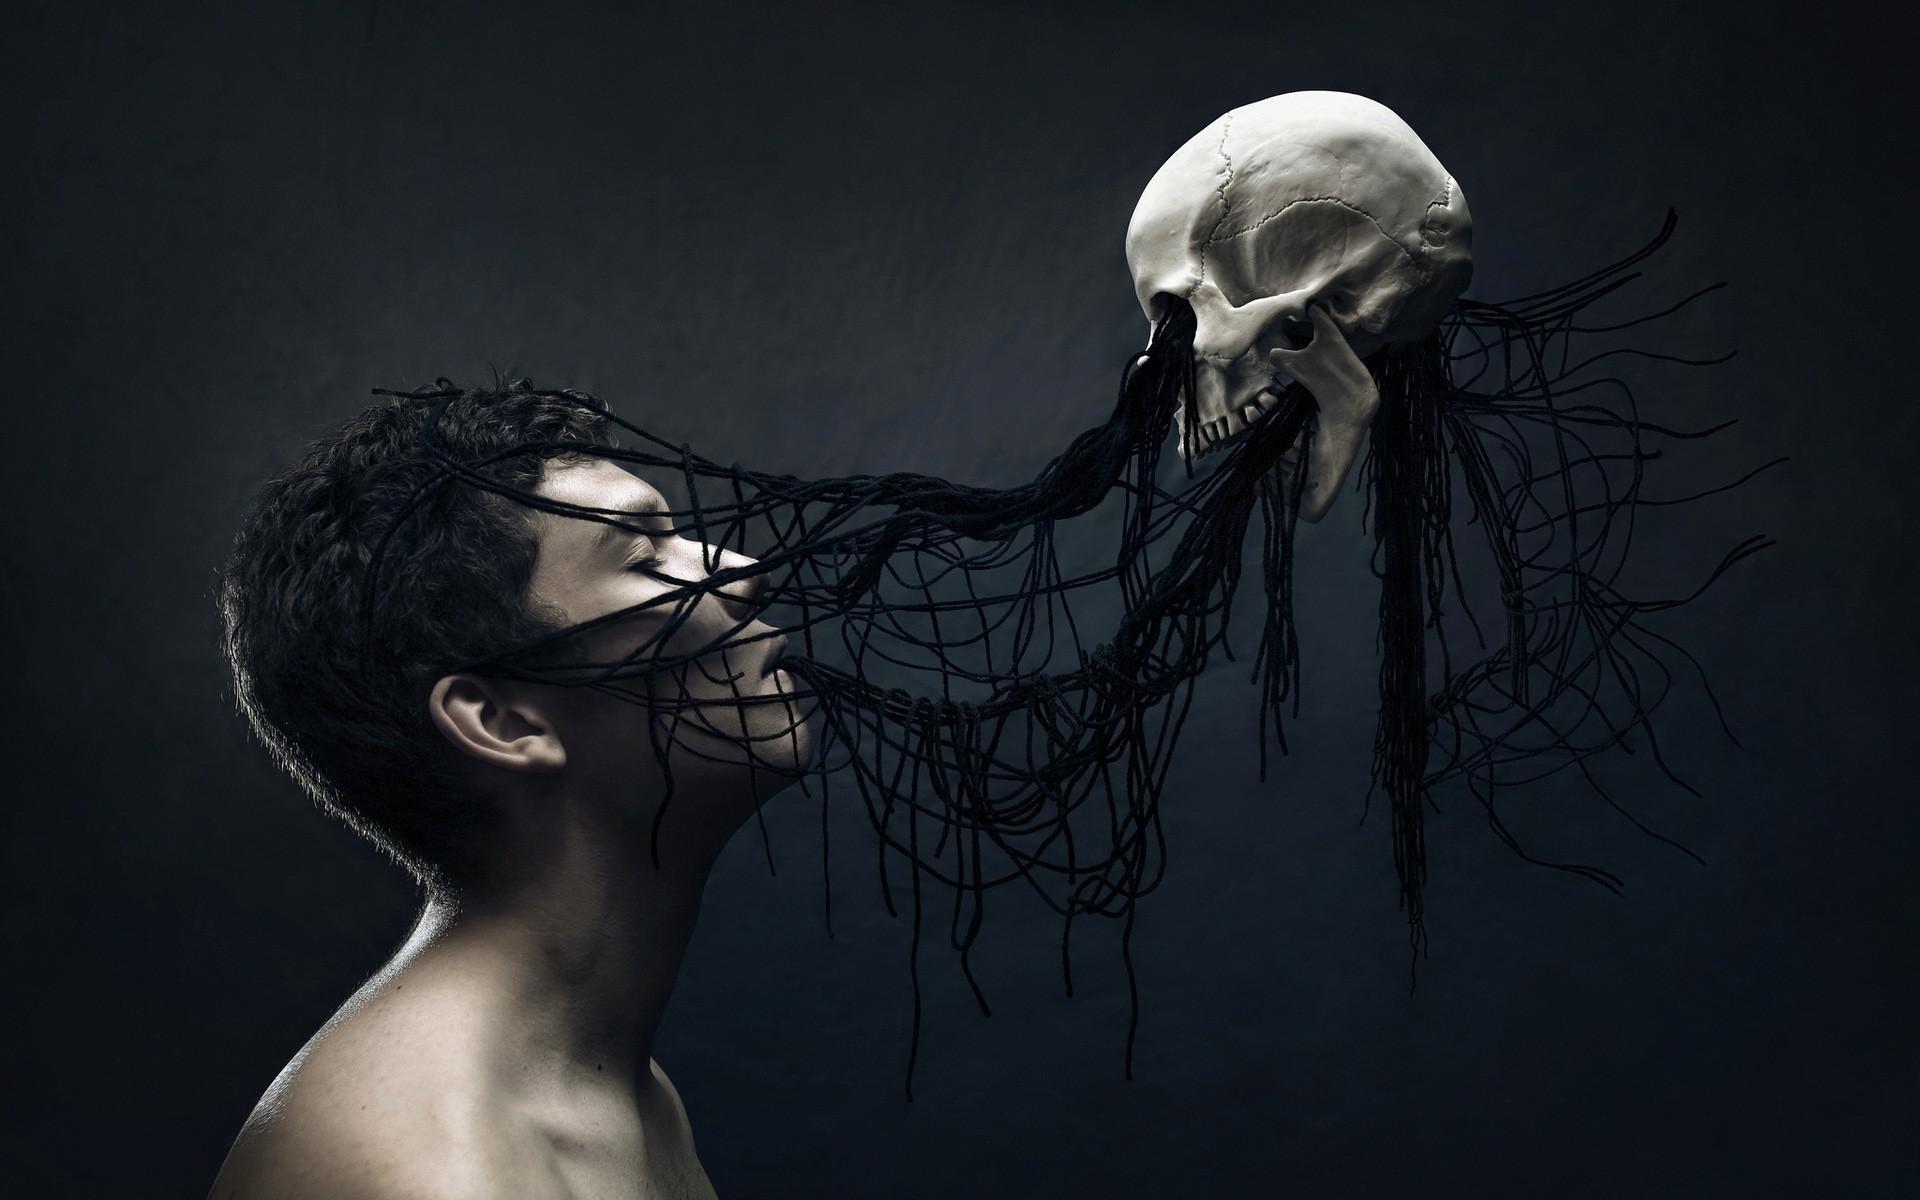 Gothic skulls wallpaper skull wallpaper 09710 voltagebd Gallery